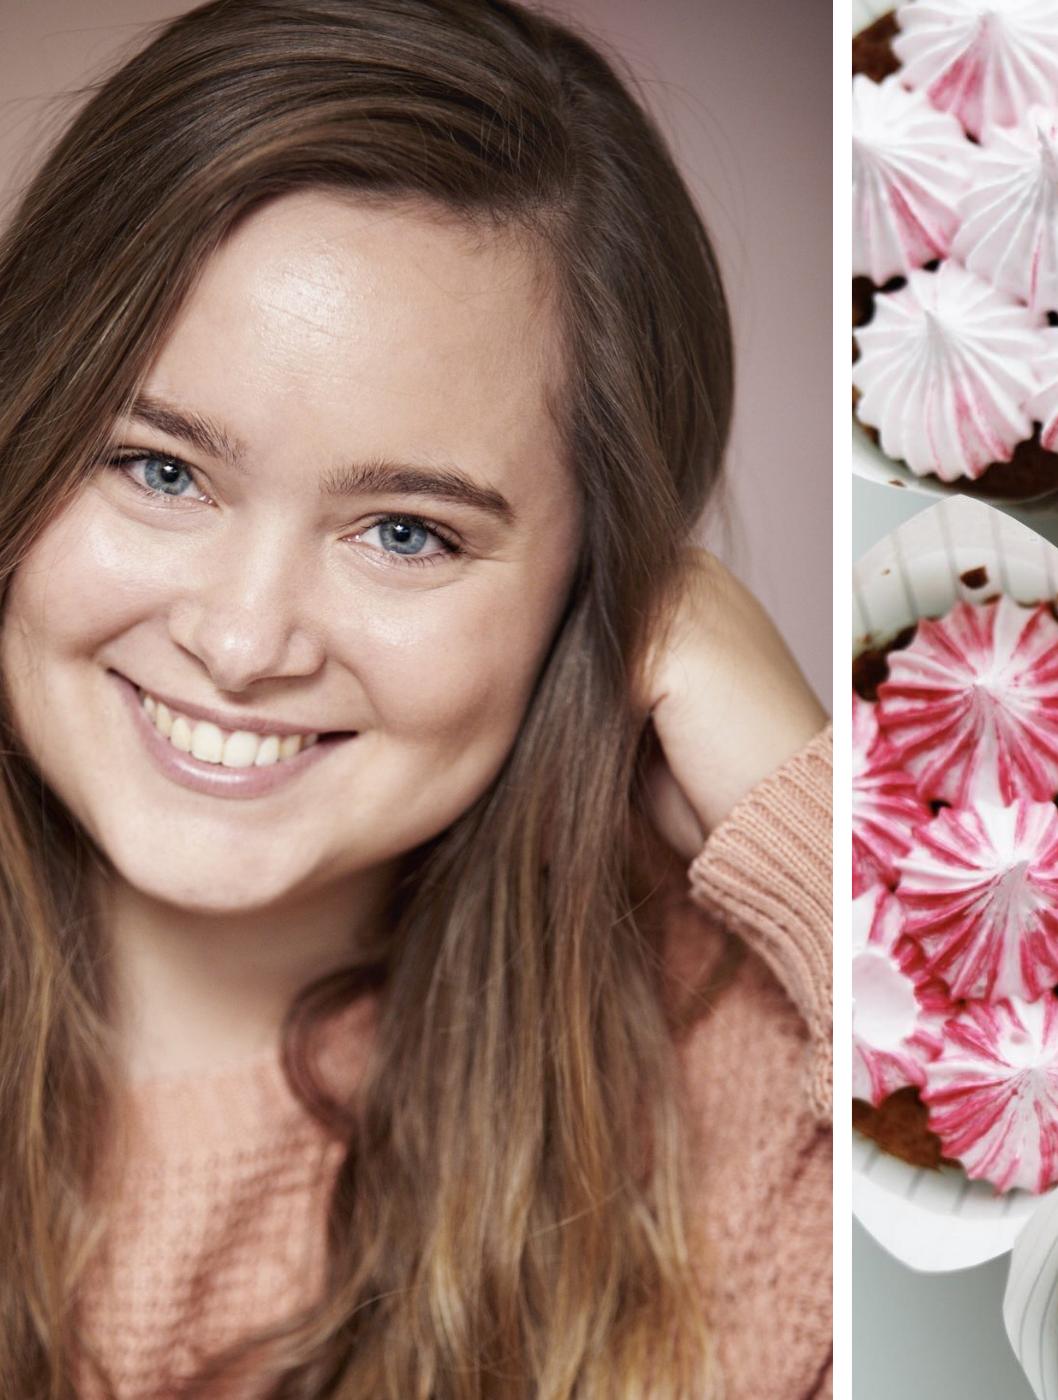 Madblogger, kogebogsforfatter og influencer Frederikke Wærens har arbejdet selvstændigt i hendes eget firma siden hun gik i 2.g, og kan i dag leve af, at lave lækre kager og madopskrifter til Instagram og hendes blog. Lær Frederikke Wærens at kende her.